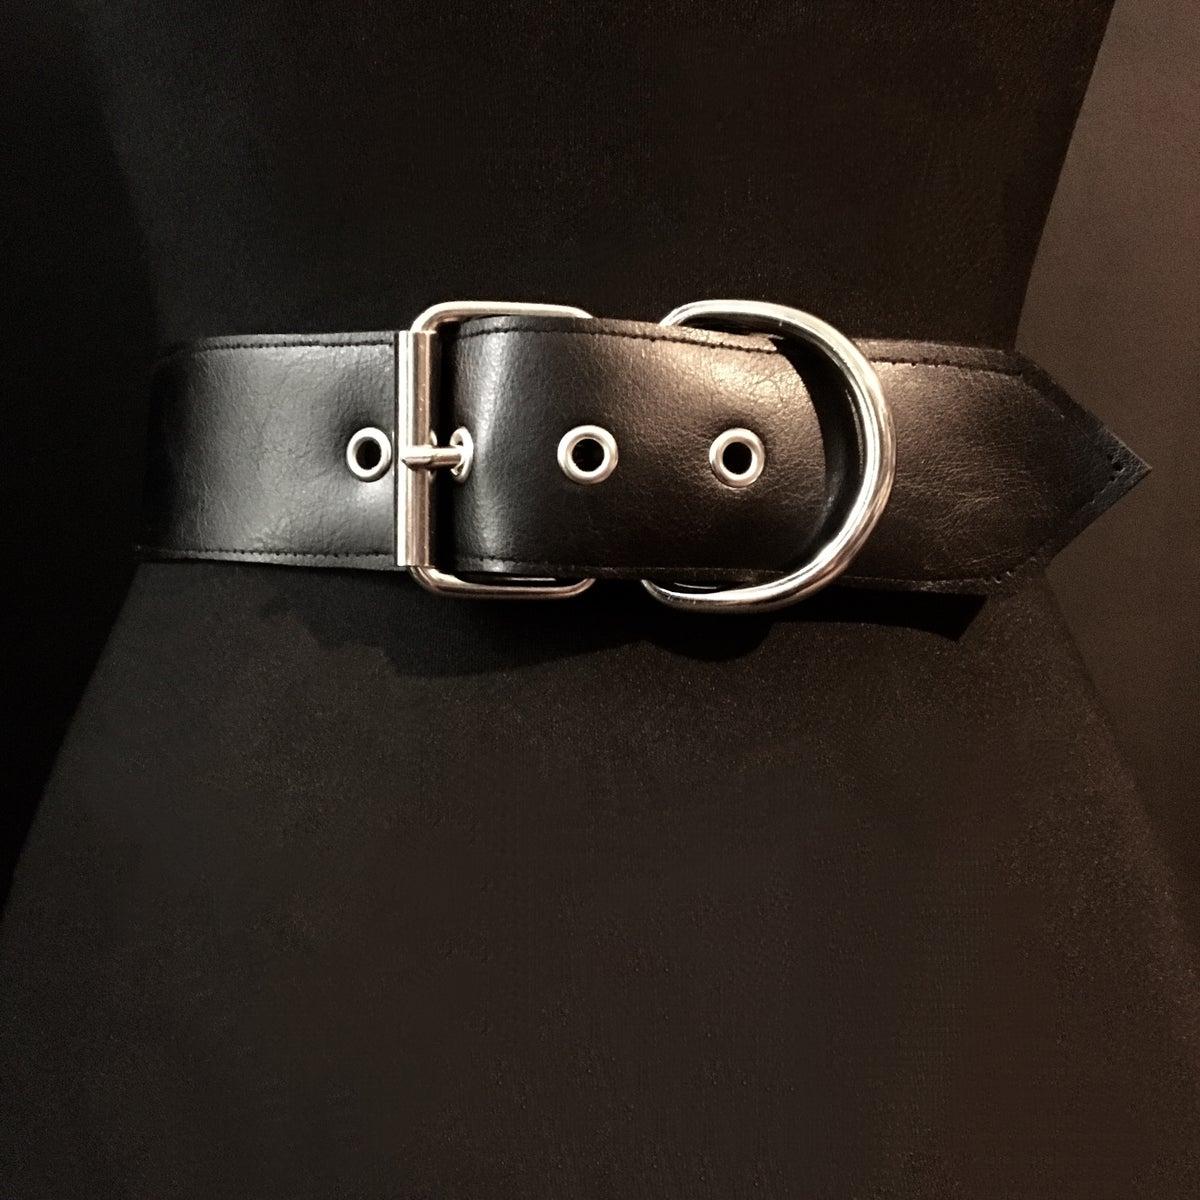 Penance waist cincher belt